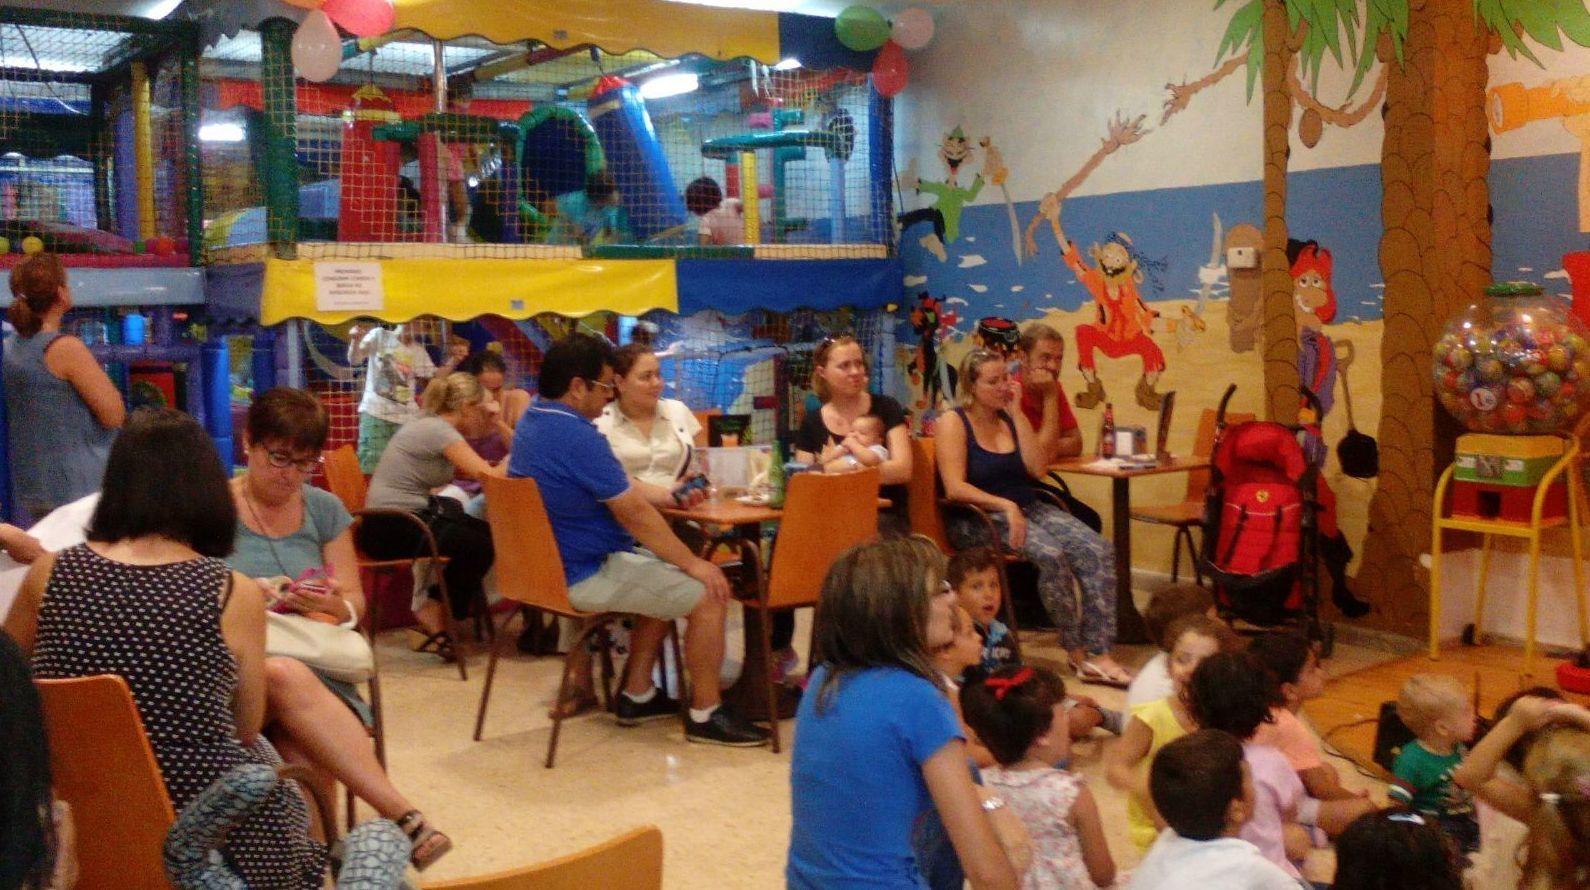 Locales para fiestas de cumplea os en valencia bufytos for Locales para cumpleanos en sevilla